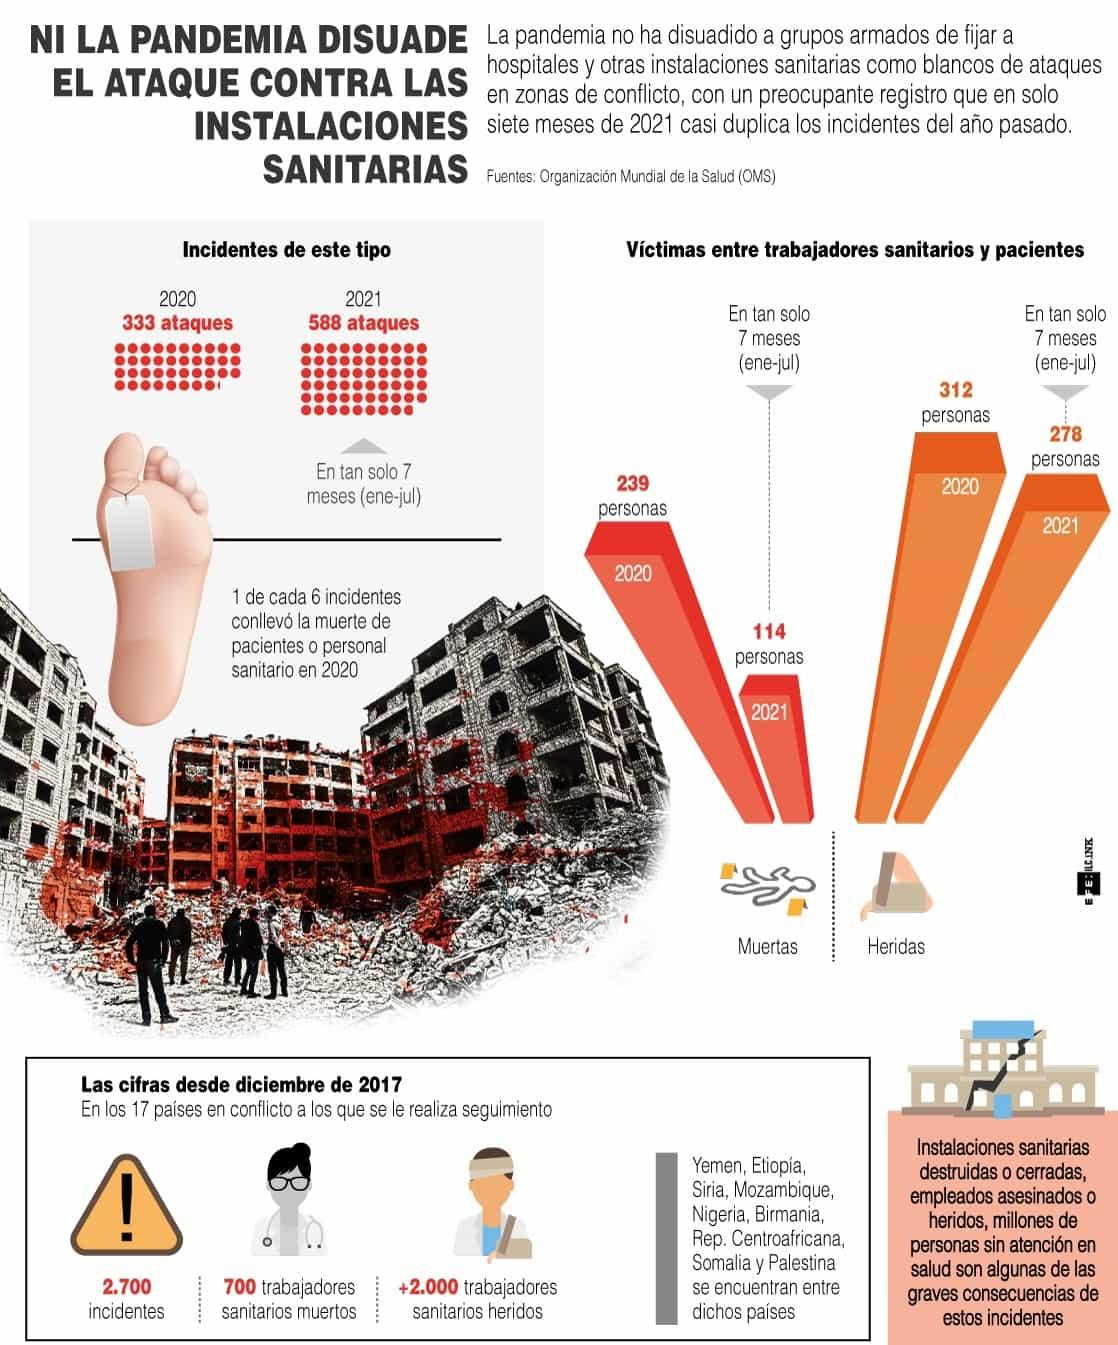 [Infografía] Ni la pandemia frena ataques a instalaciones sanitarias en zonas de conflicto 1